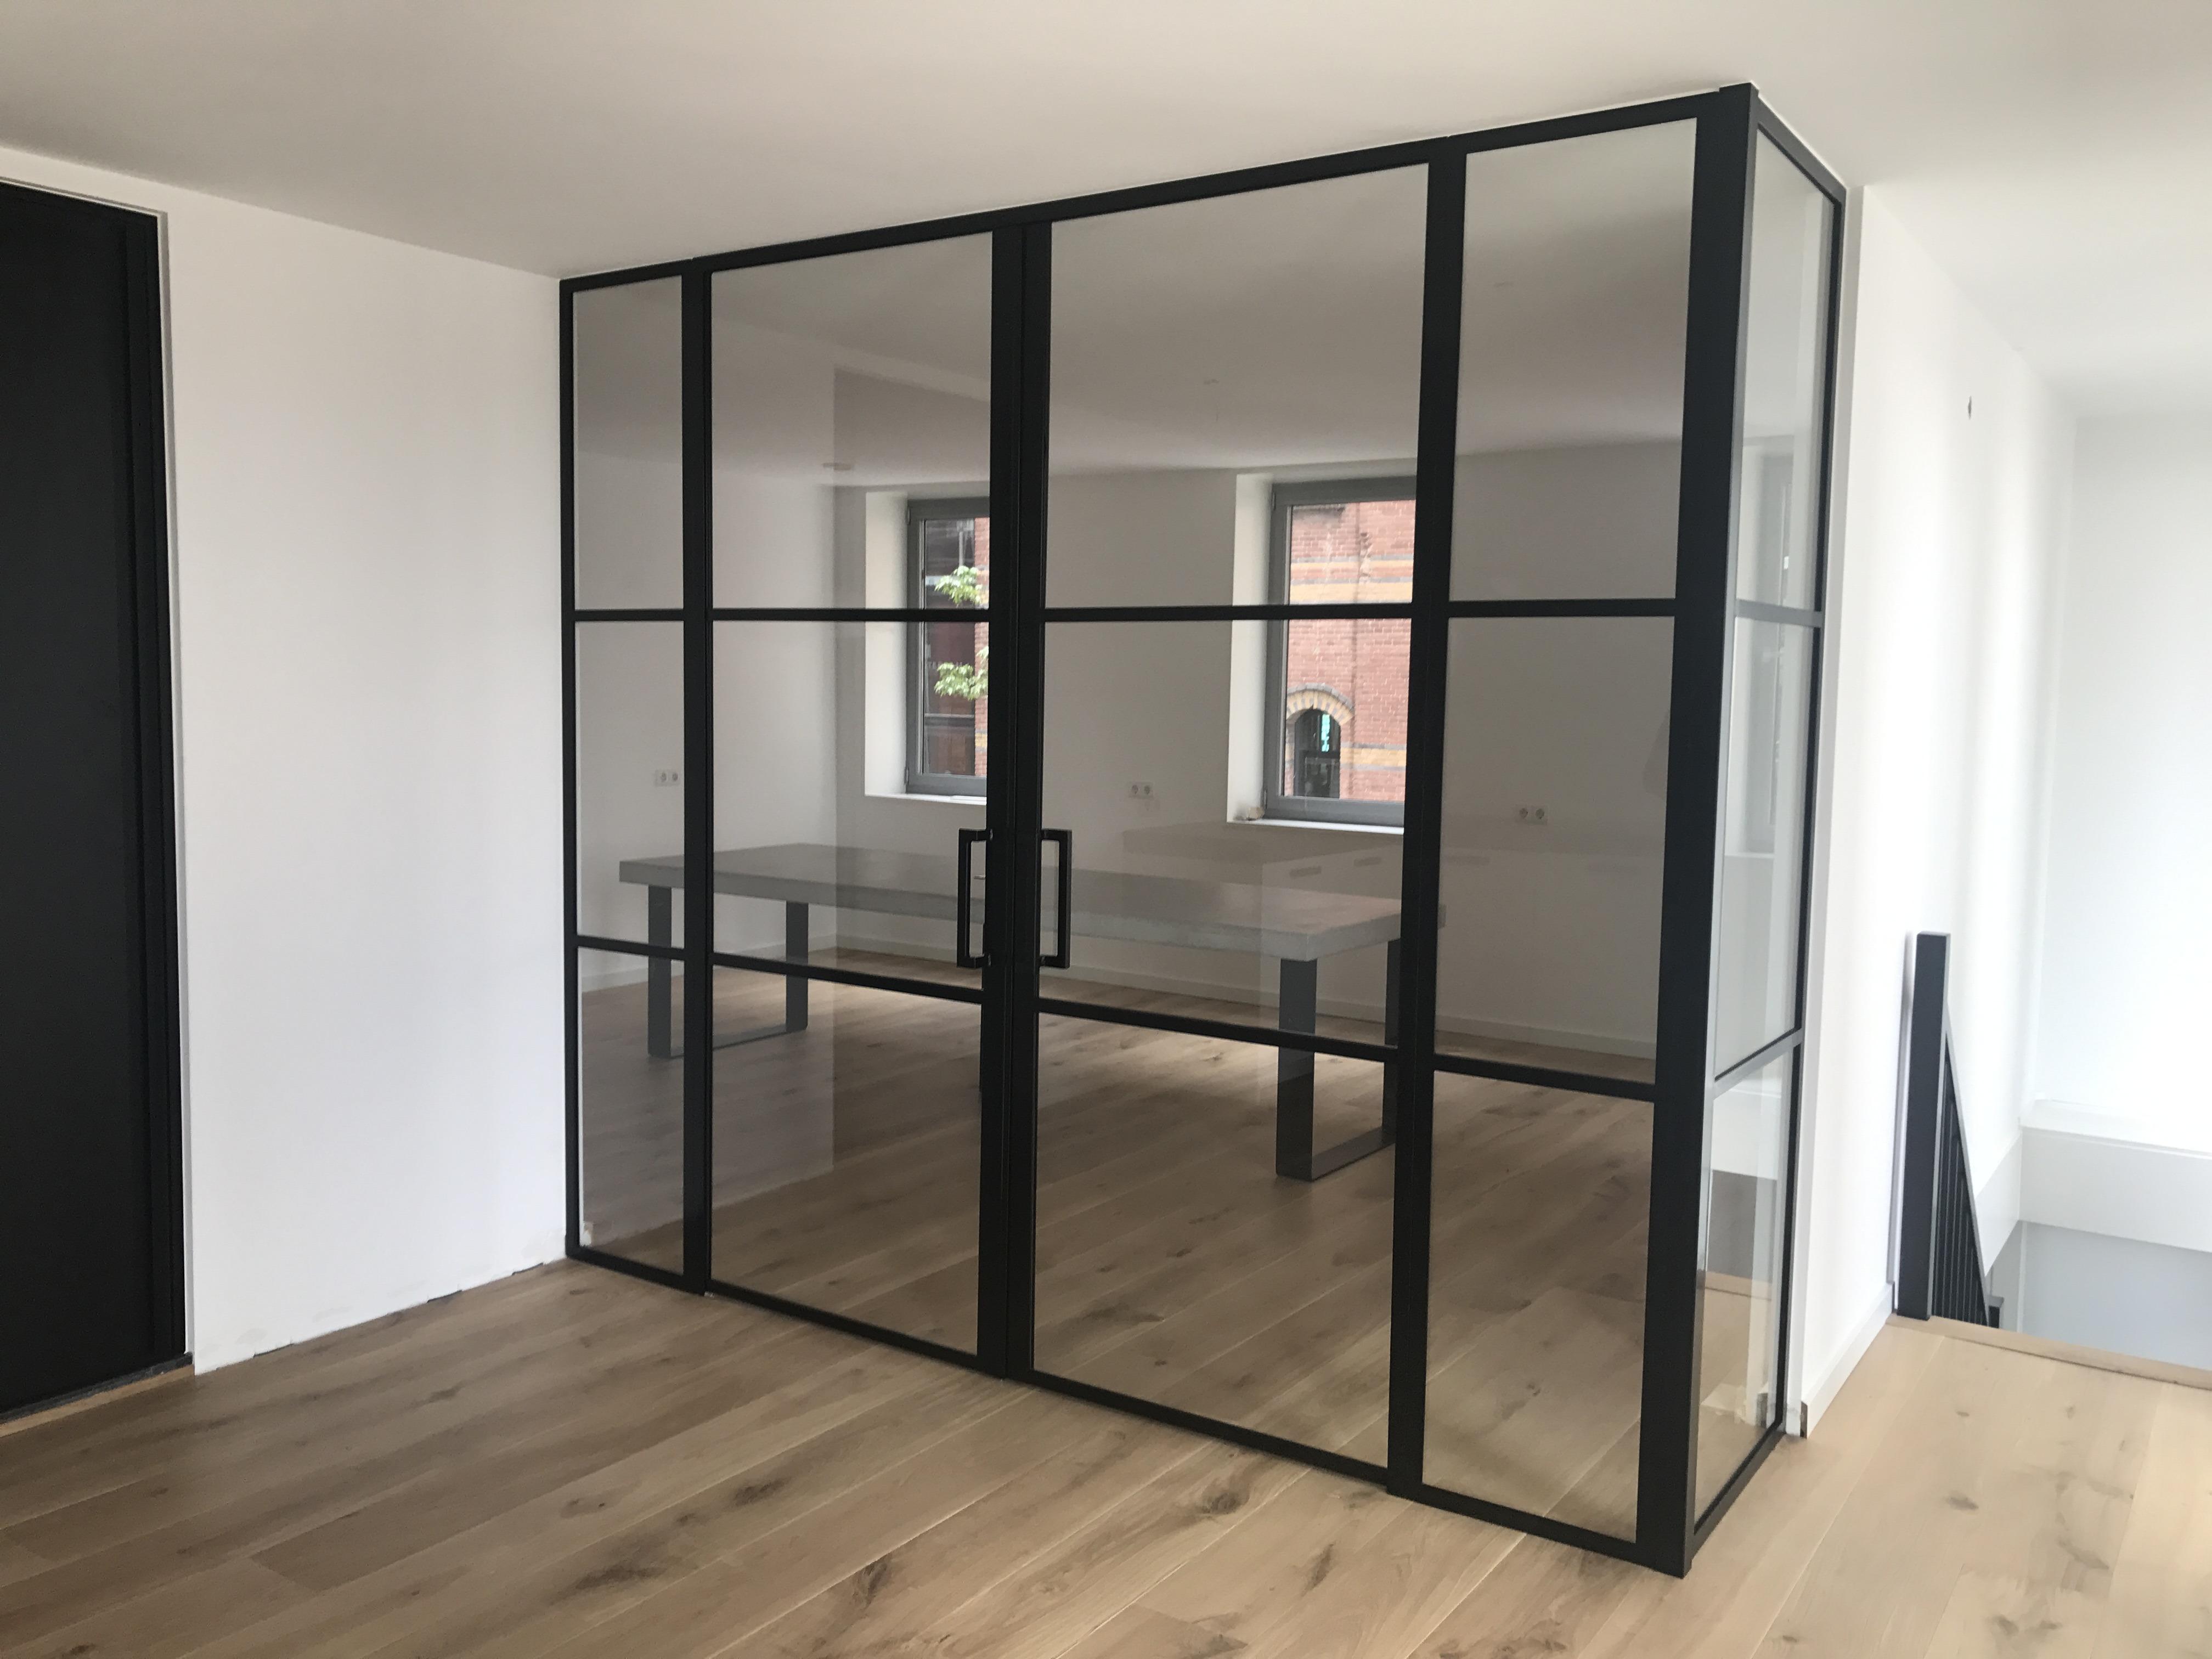 Stalen Deuren Prijs : Zwarte stalen deuren prijs zwarte stalen deuren prijs stalen